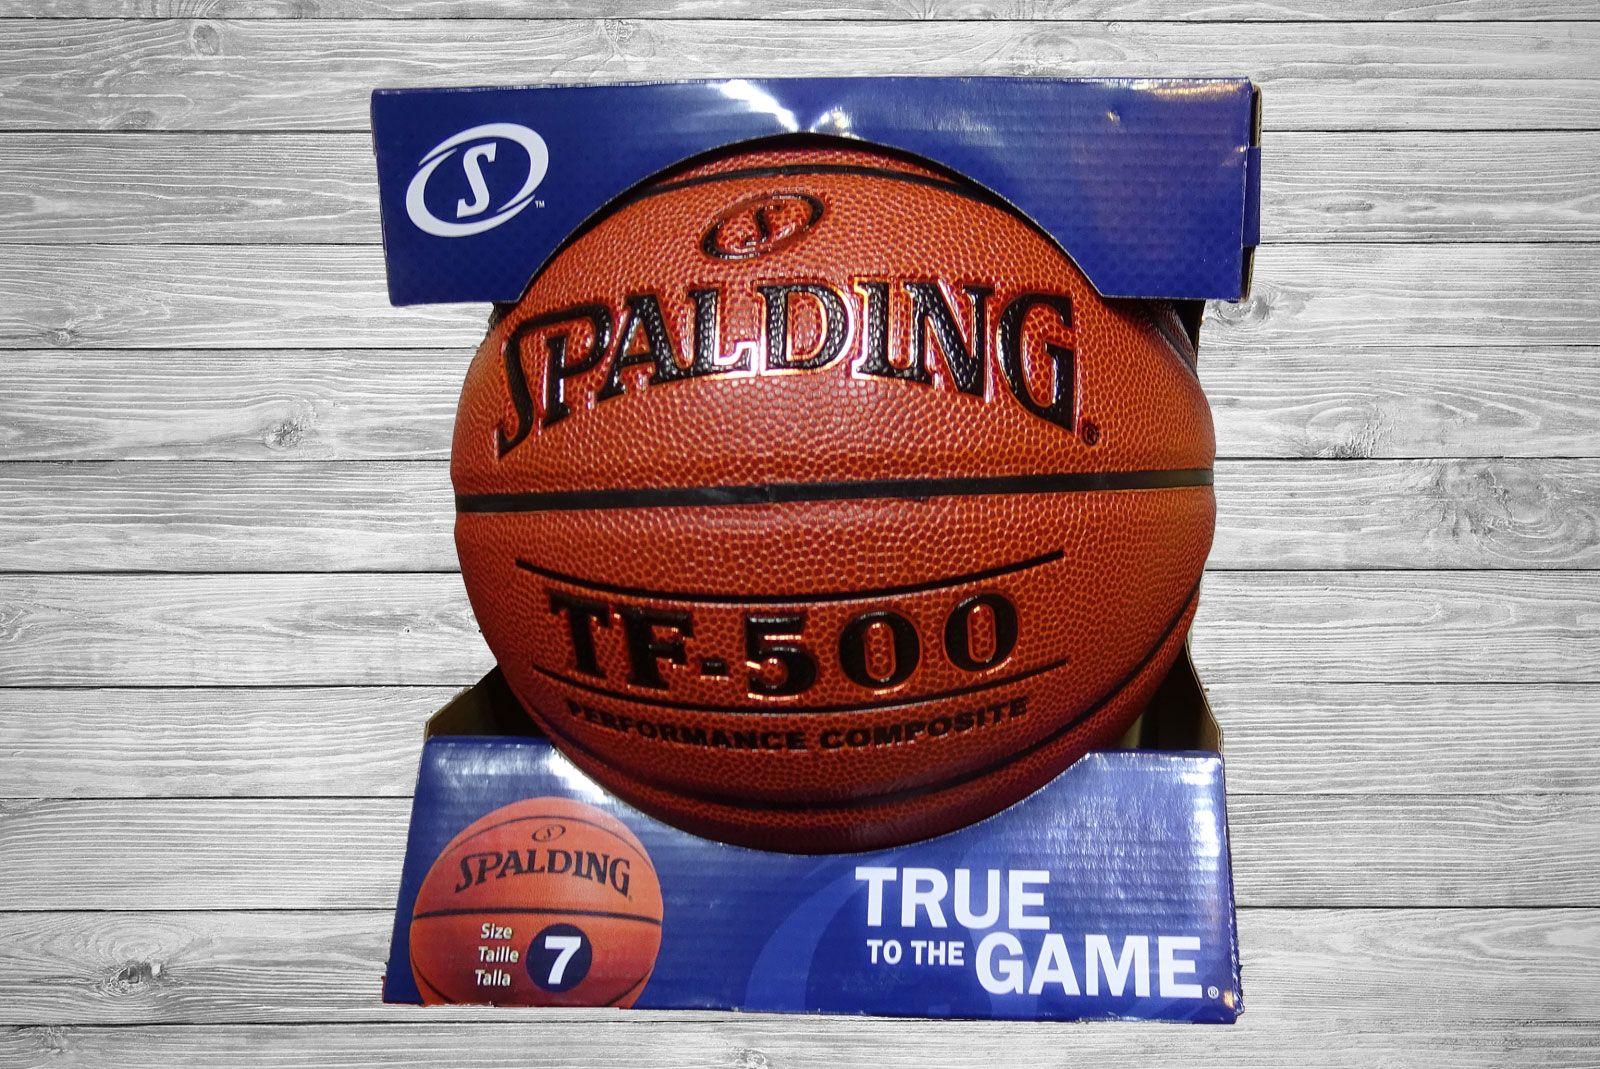 Balón baloncesto TF 500 Spalding. Indoor-outdoor. Talla 7  b0aada49d3635